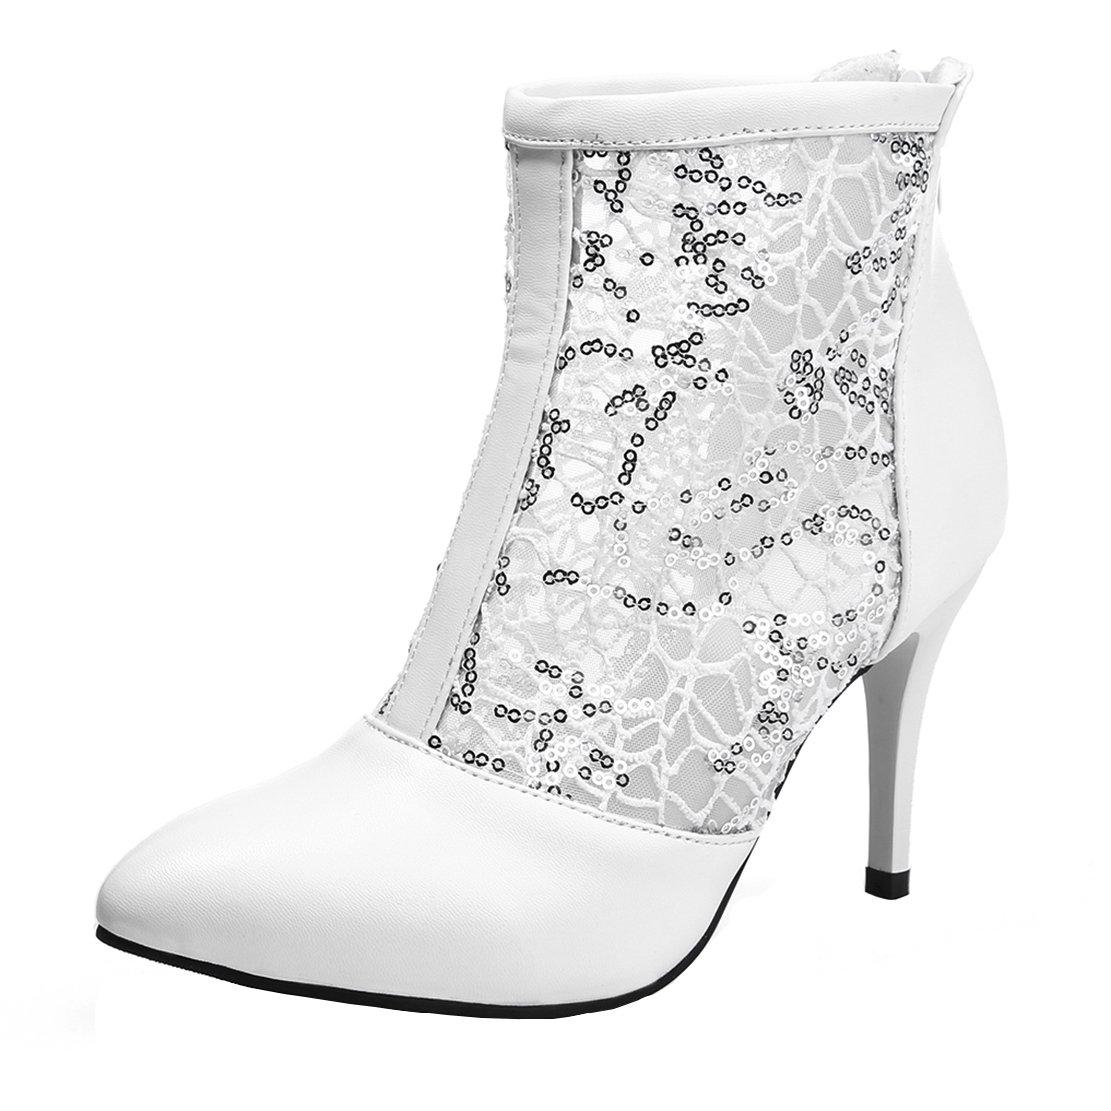 AIYOUMEI Damen Spitz Stiletto High Heels Herbst Stiefeletten mit Spitze Pumps Schuhe  39.5 EU|Wei?